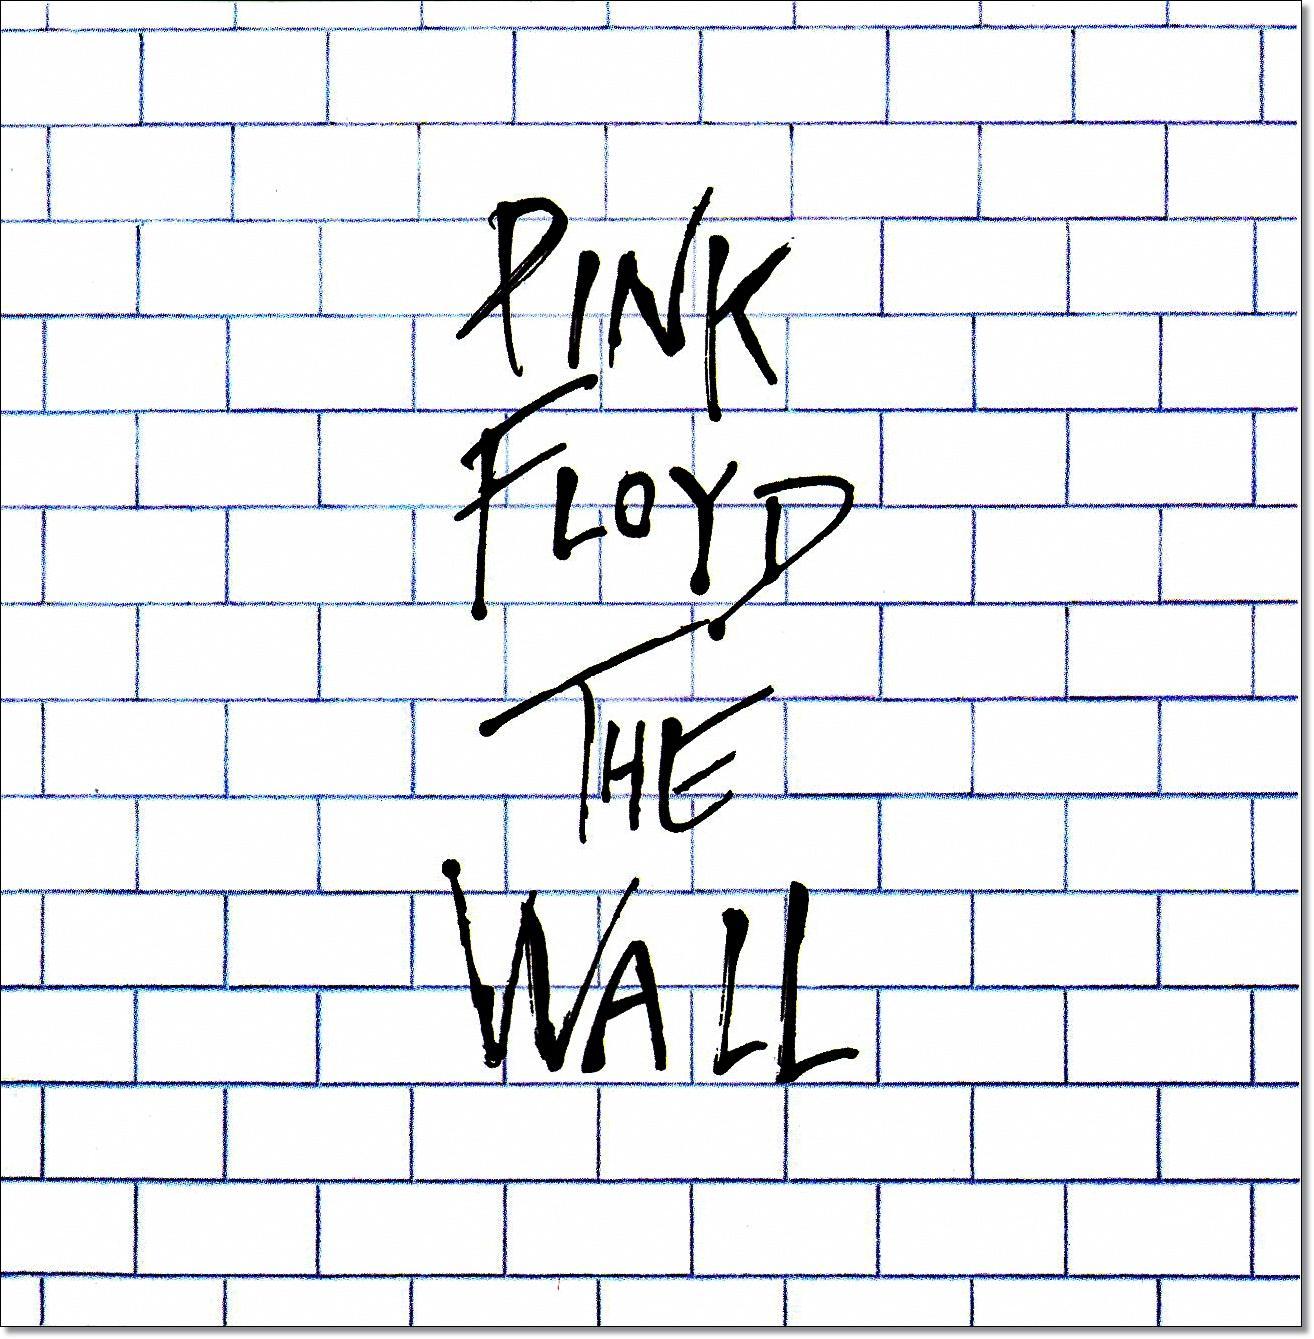 Пинк Флойд: Стена 10 лучших художественных фильмов о музыкантах 10 лучших художественных фильмов о музыкантах image10 1